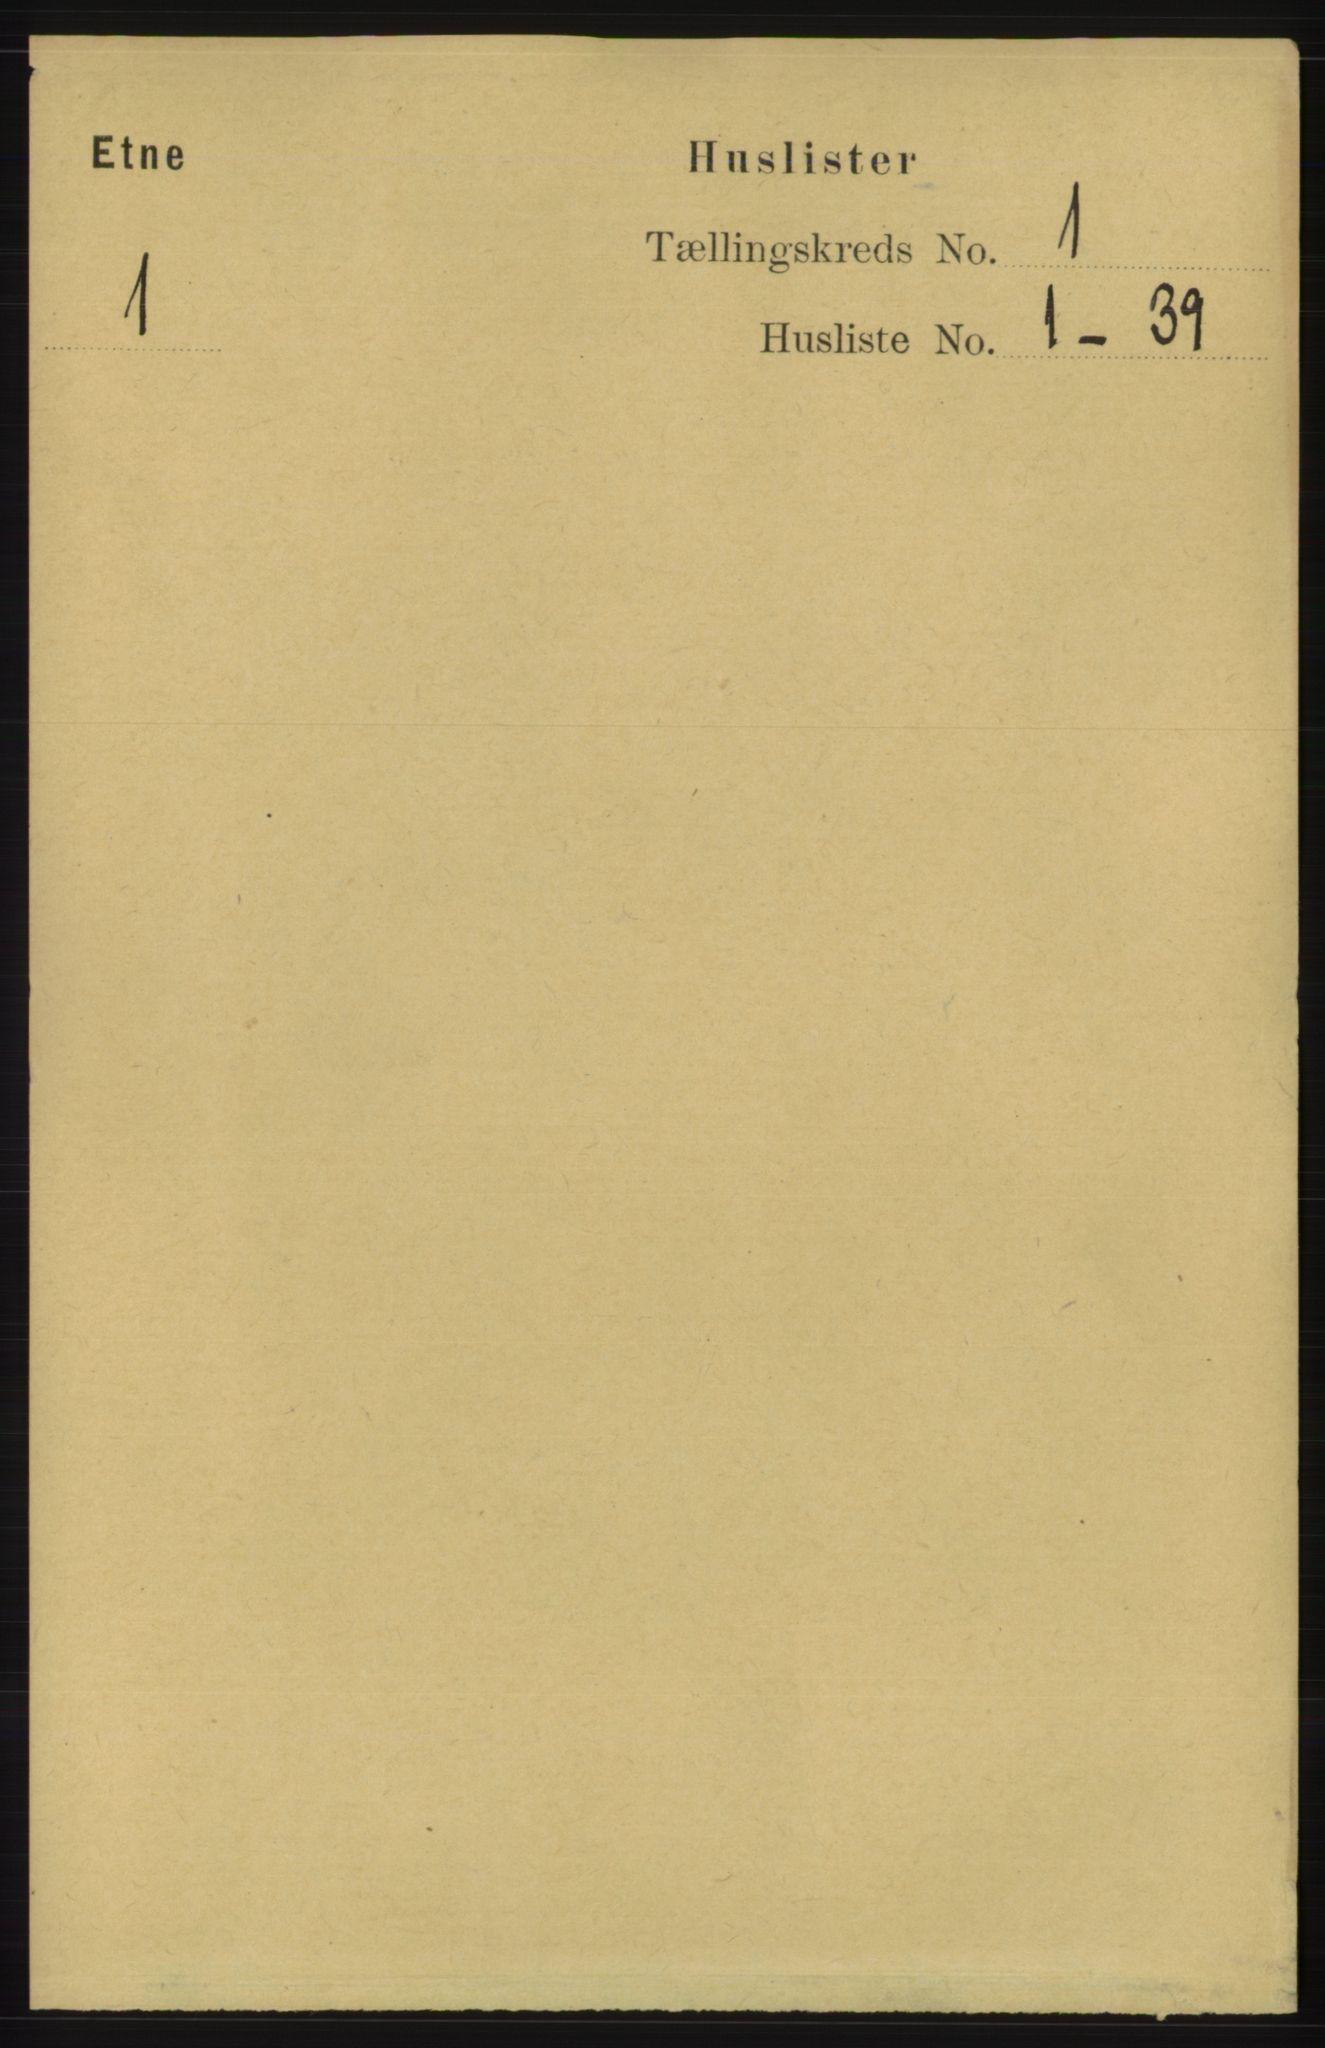 RA, Folketelling 1891 for 1211 Etne herred, 1891, s. 39